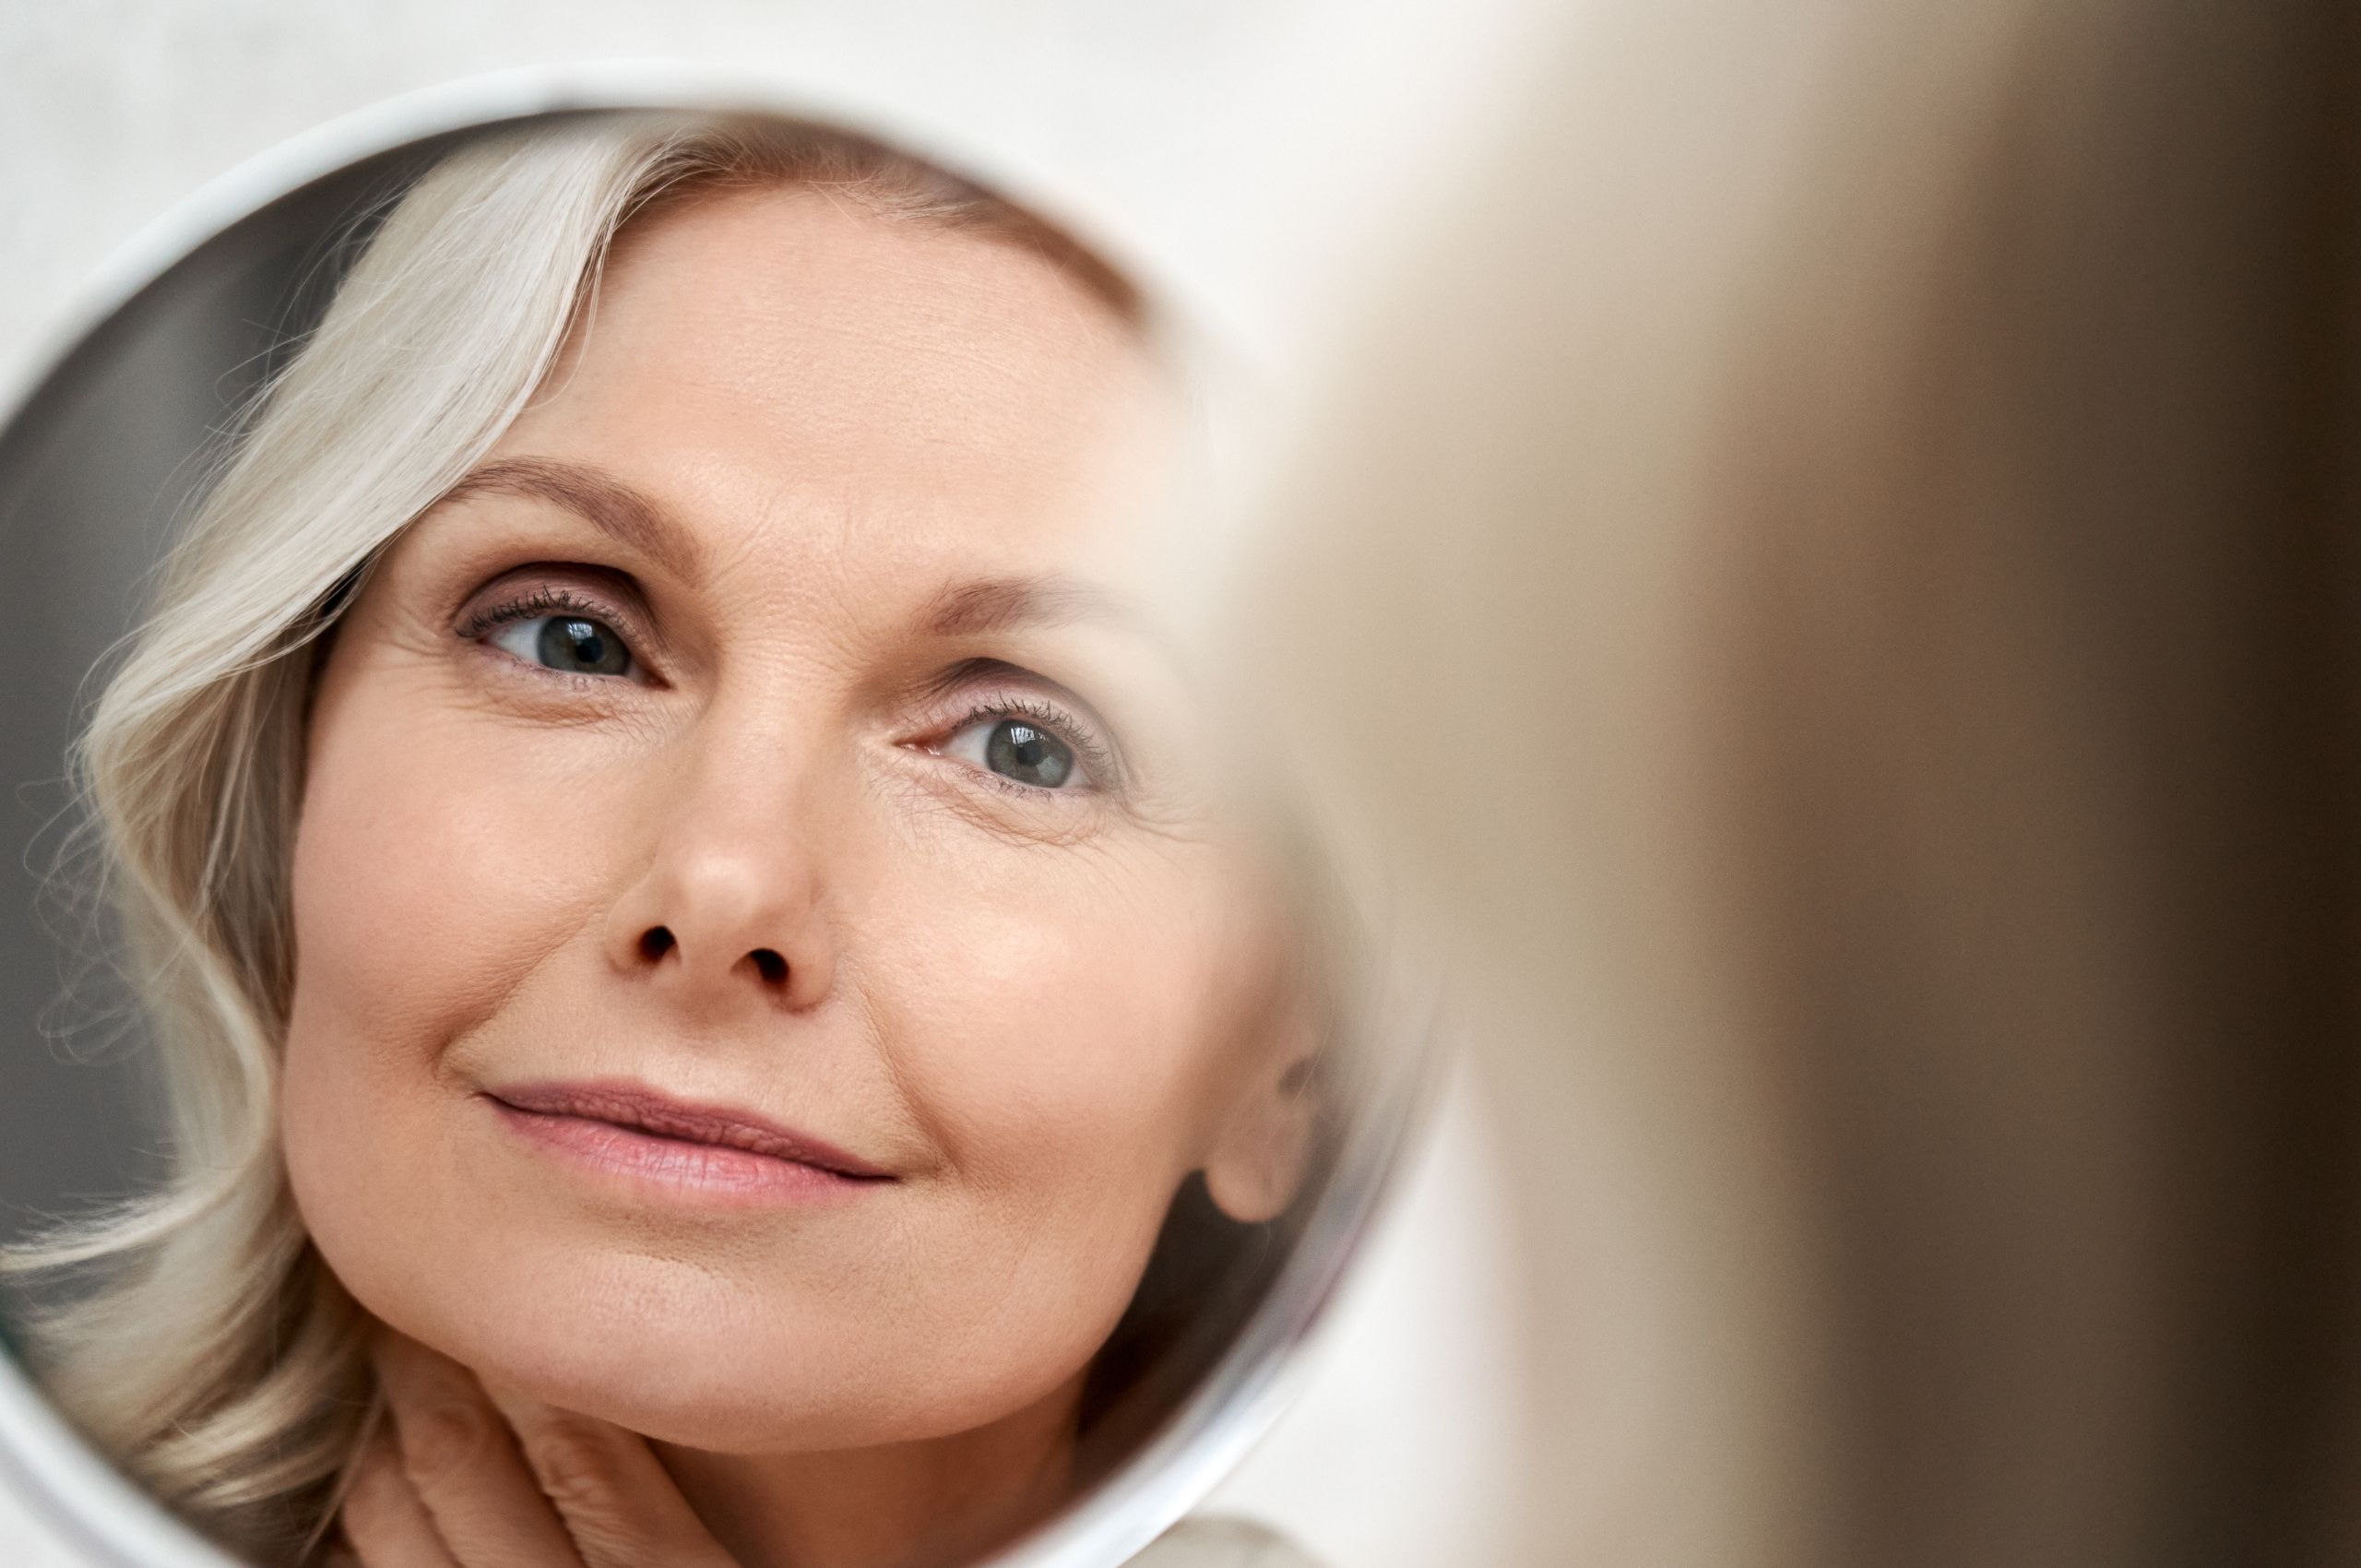 9 Makeup Techniques That Age You